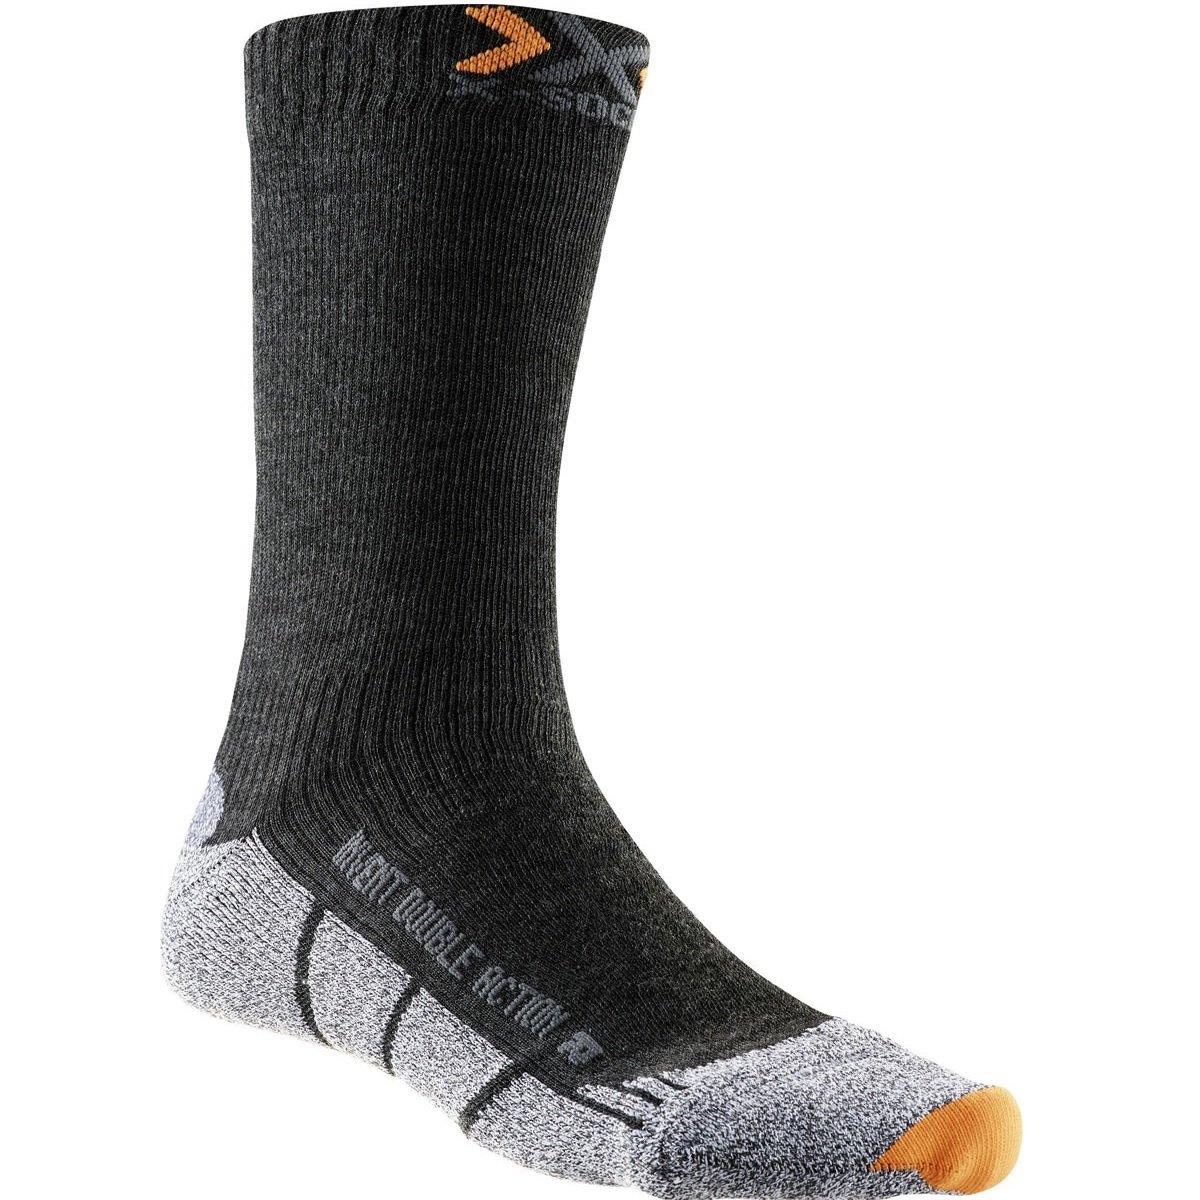 meilleures baskets 2b1cb ee167 X-Socks Double Action, chaussette de randonnée anti ampoule.